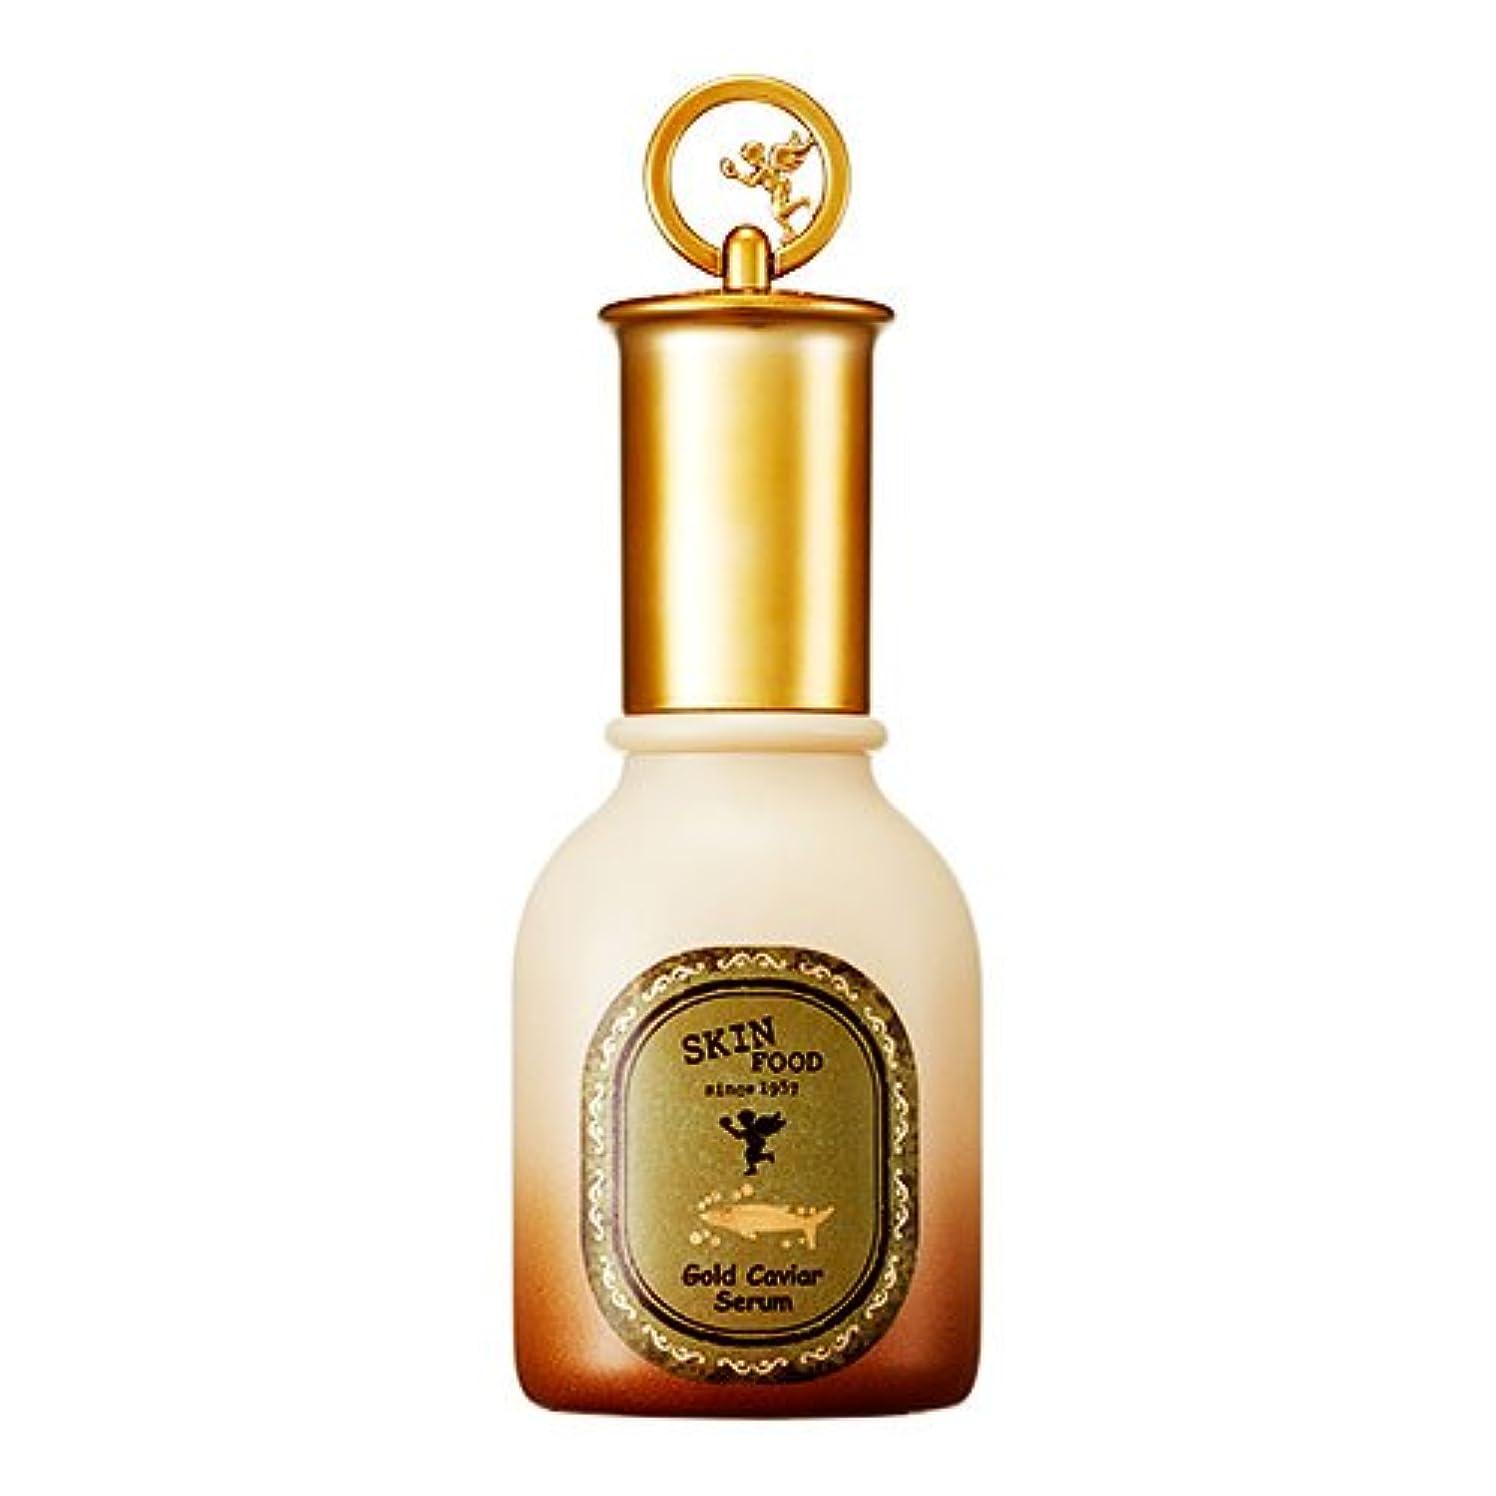 脅威社会主義者伝説Skinfood ゴールドキャビアセラム(しわケア) / Gold Caviar Serum (wrinkle care) 45ml [並行輸入品]